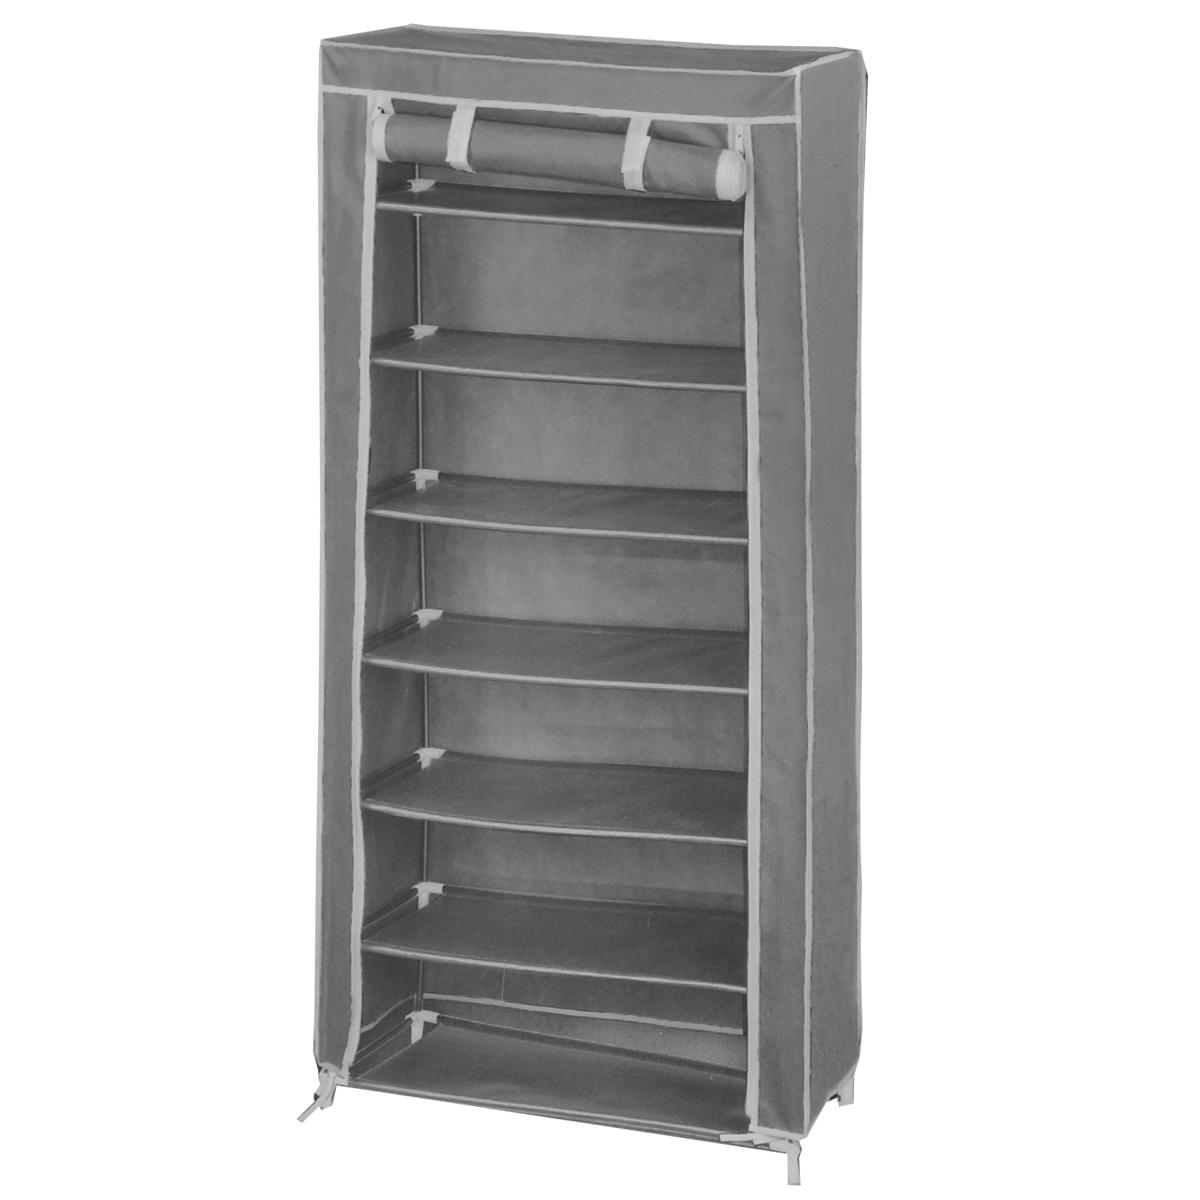 Мобильный шкаф для хранения, цвет: серый, 61 см х 30 см х 123 см ( WD-5120 )